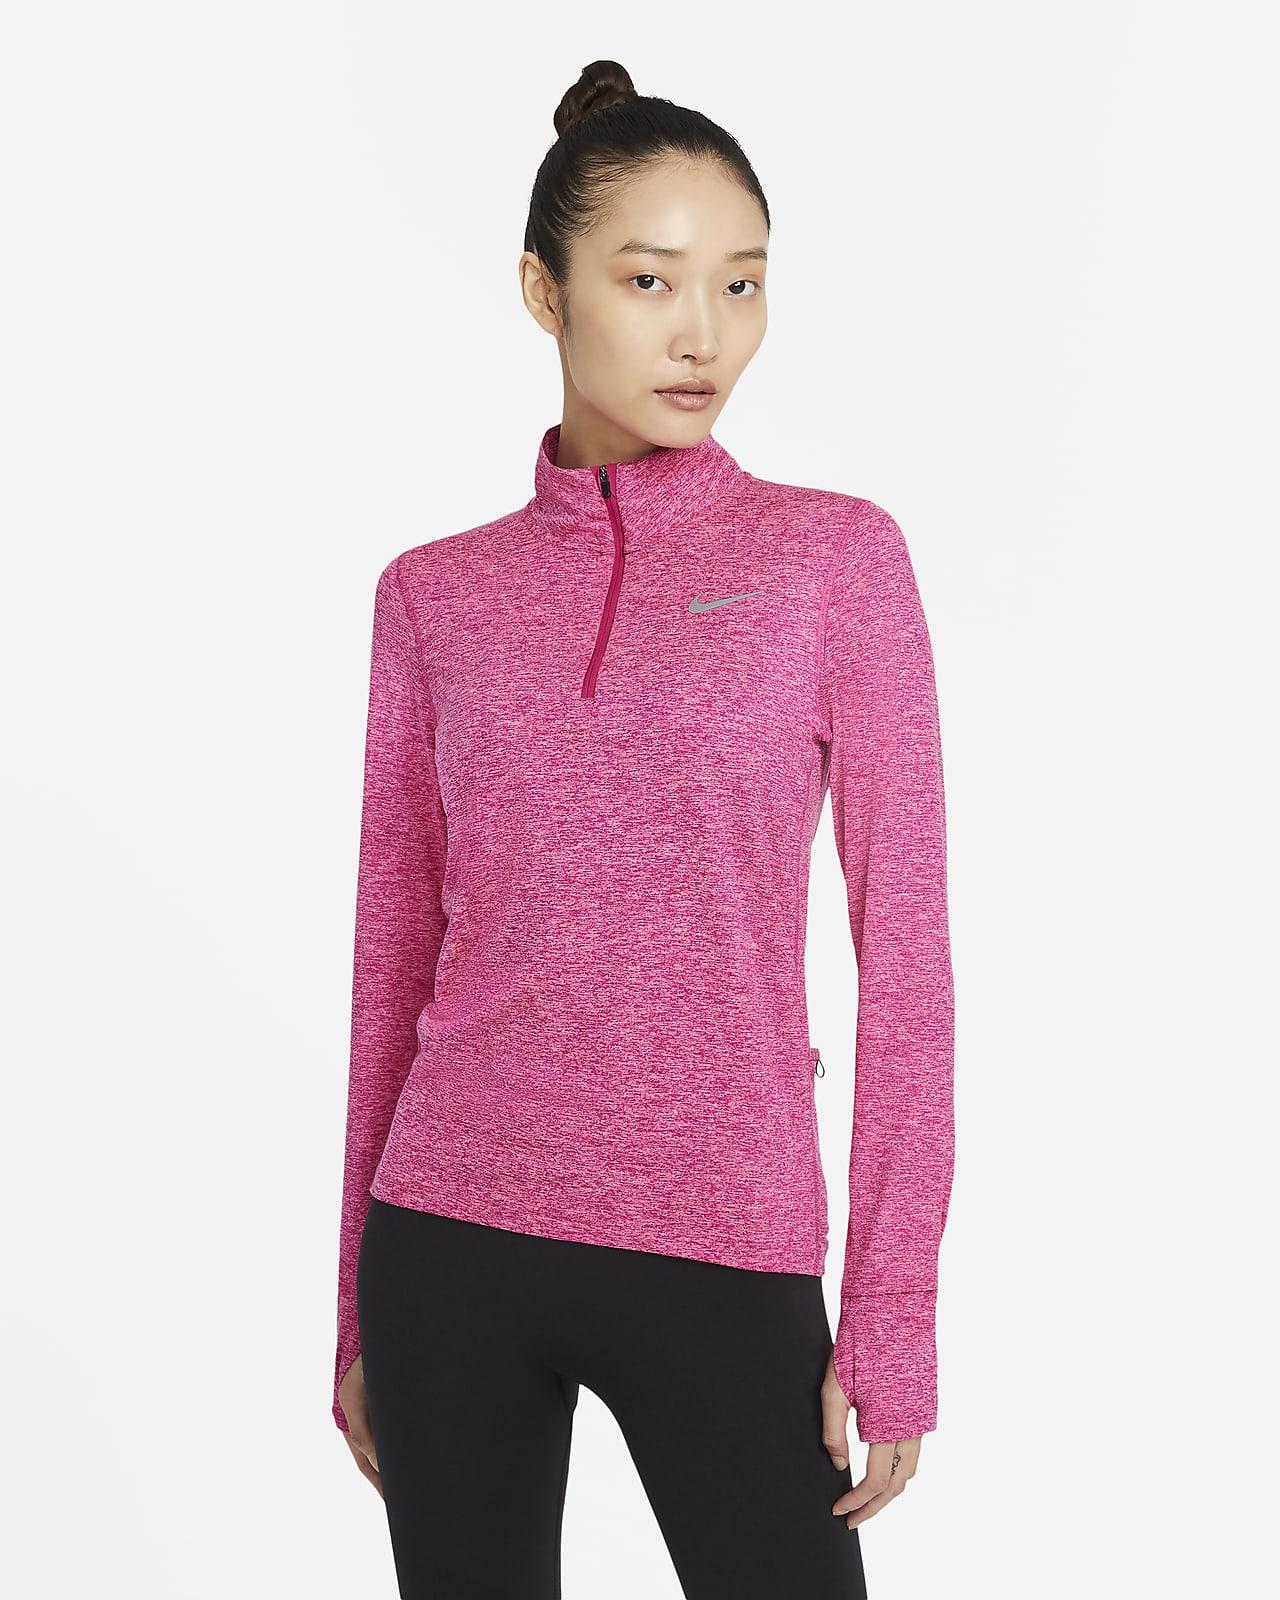 Nike Laufoberteil mit Halbreißverschluss für Damen